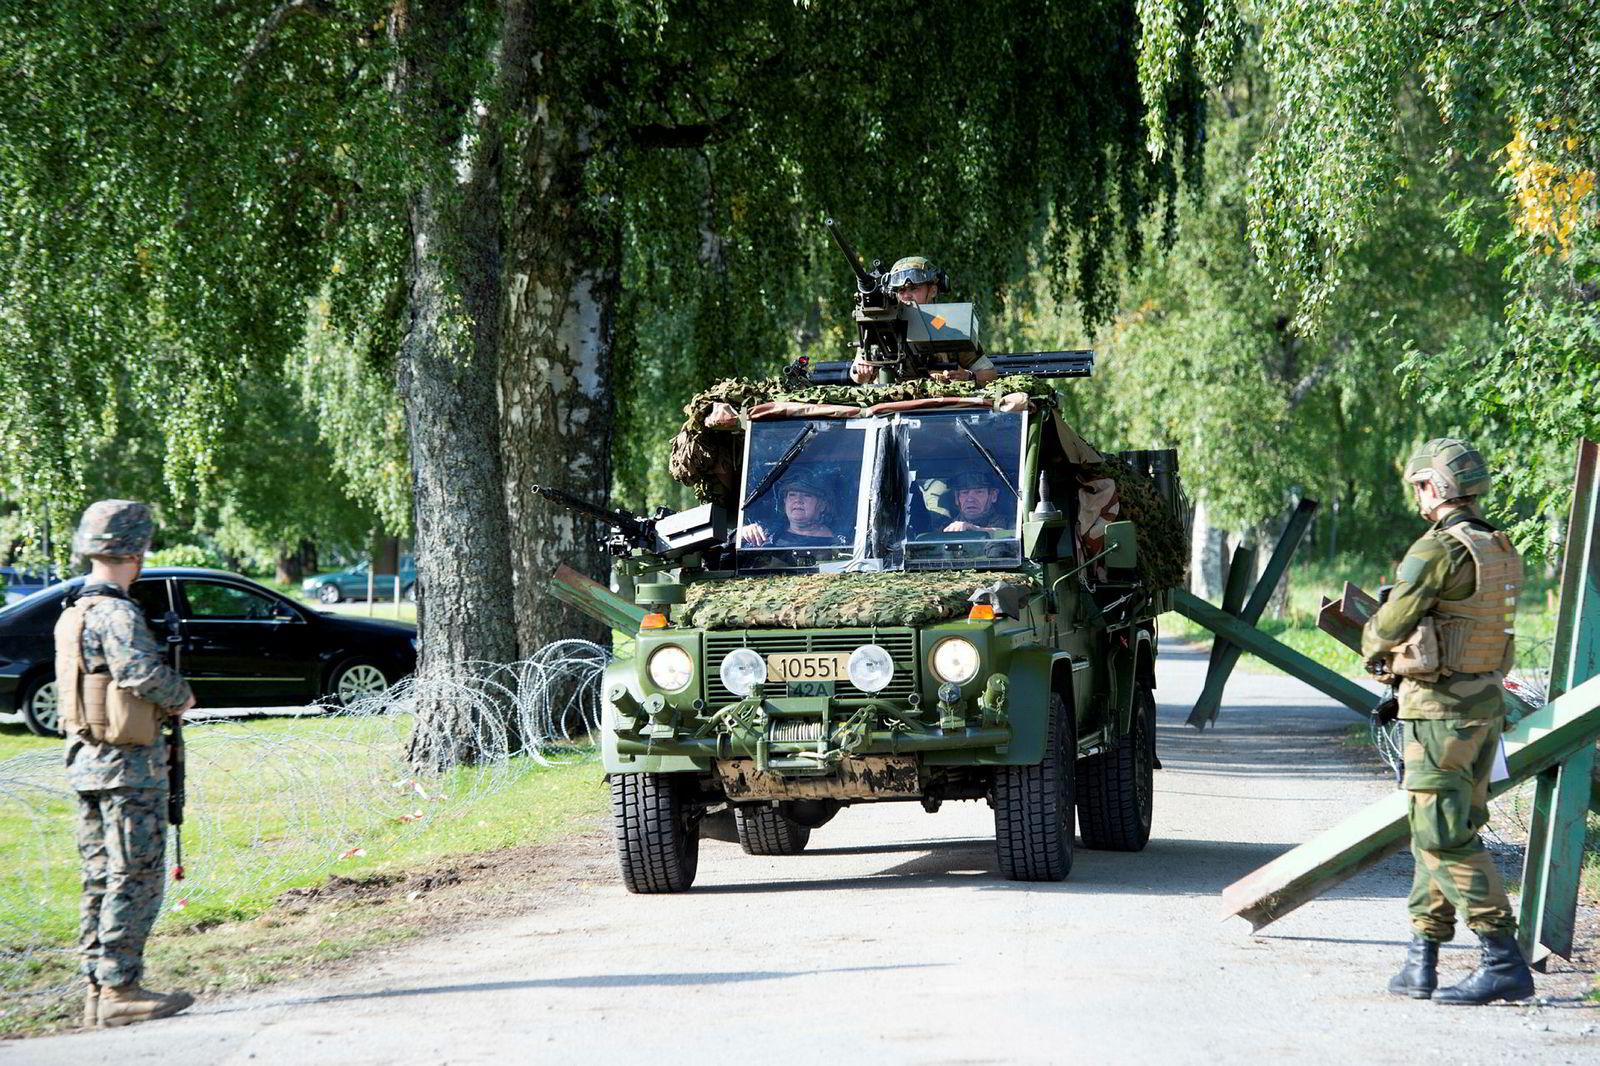 Statsminister Erna Solberg varsler et kartleggingstokt etter olje og gass helt inn til russergrensen. Tirsdag var Solberg på besøk på Værnes Garnison. Hun skimtes så vidt til venstre i bilen.